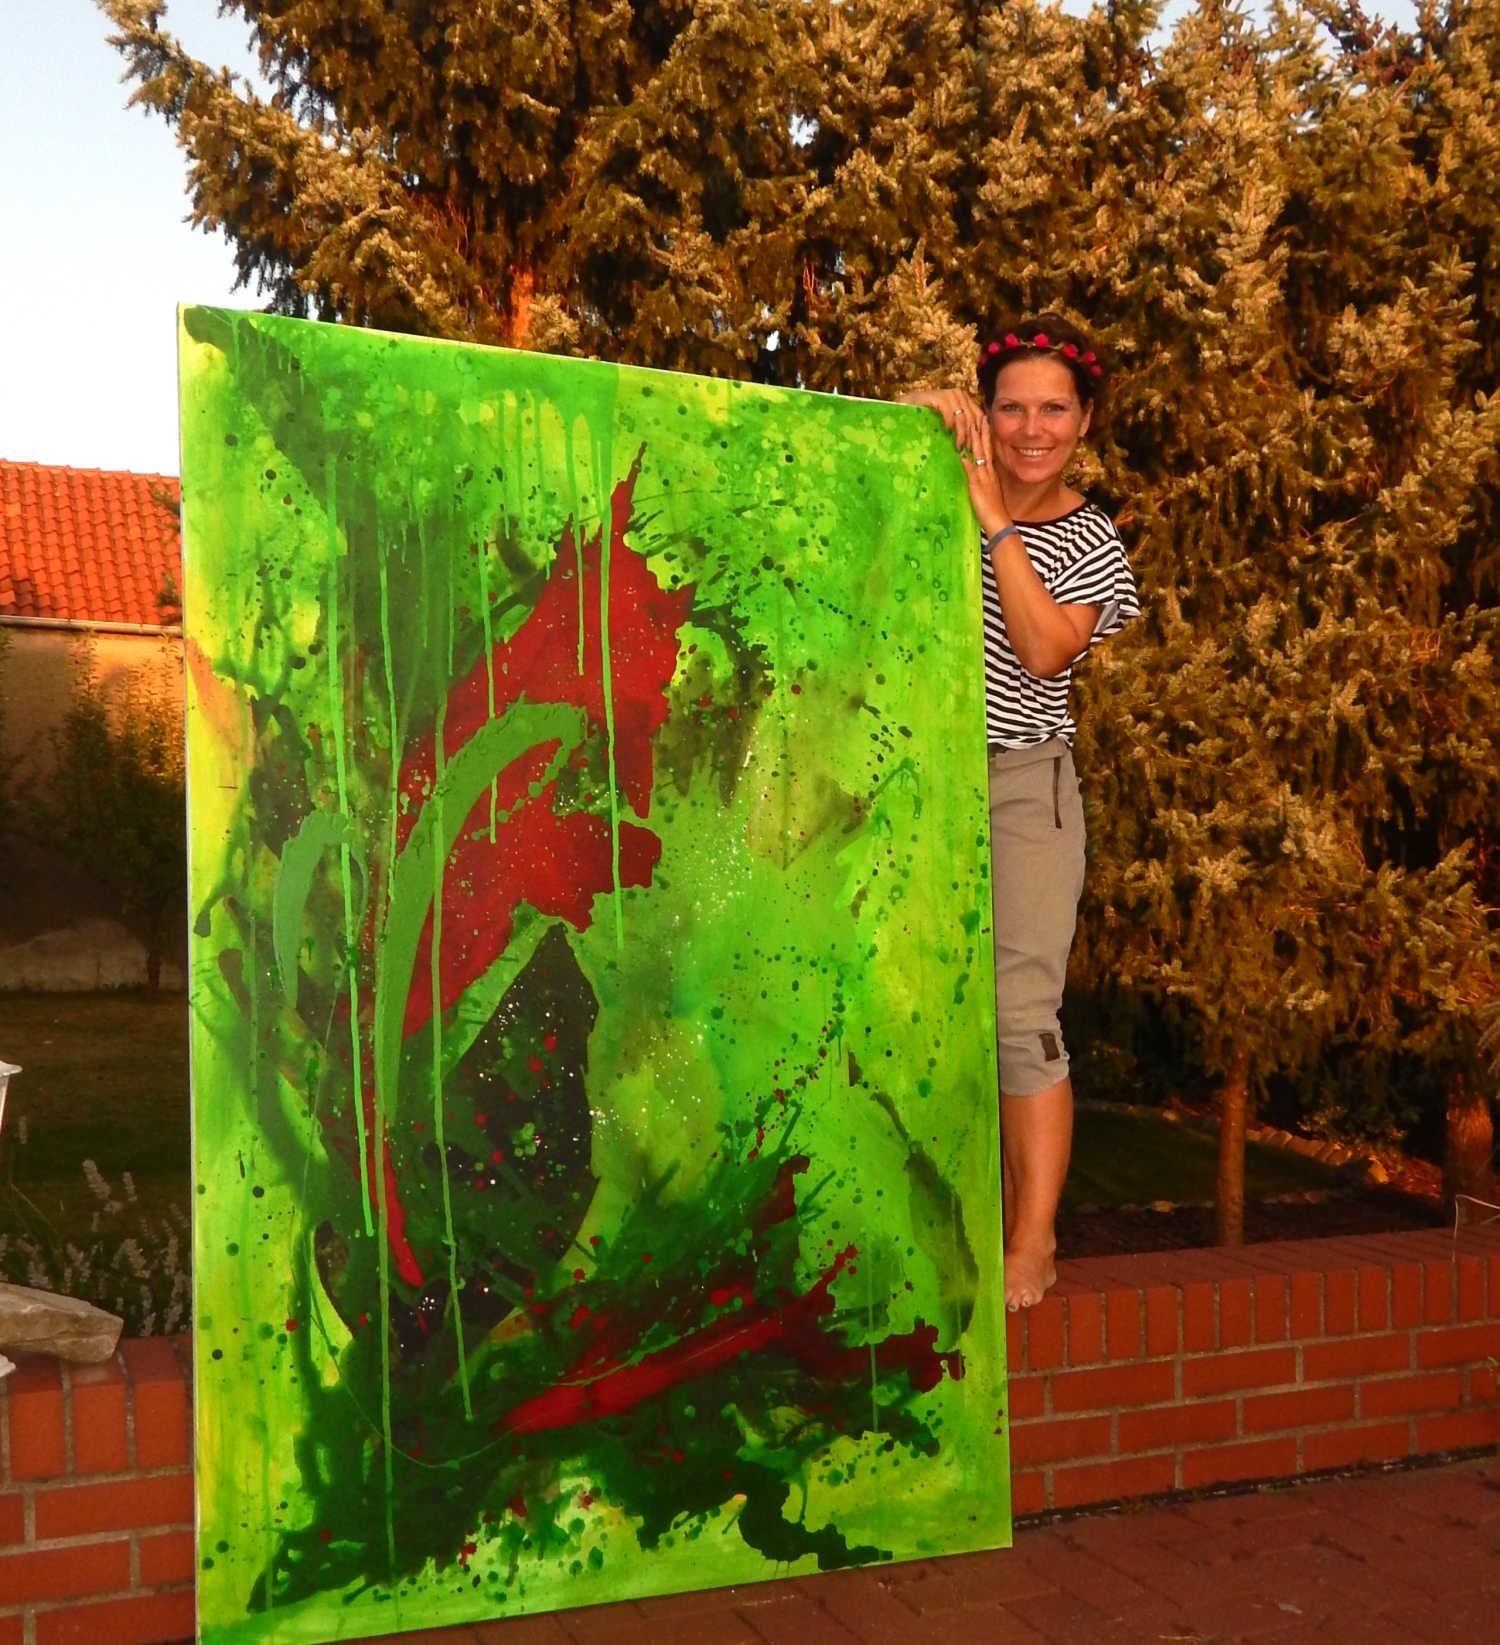 abstrakte grüne Bilder